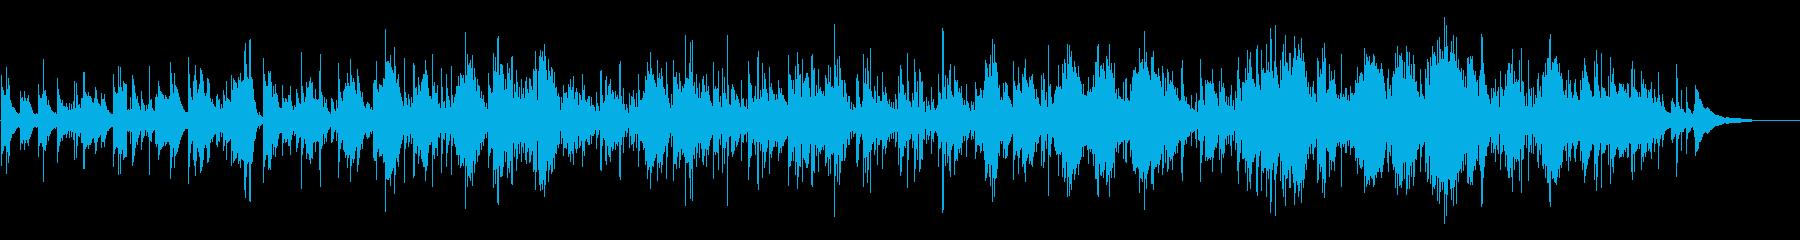 透明感ある歌声&ギターのアイルランド民謡の再生済みの波形